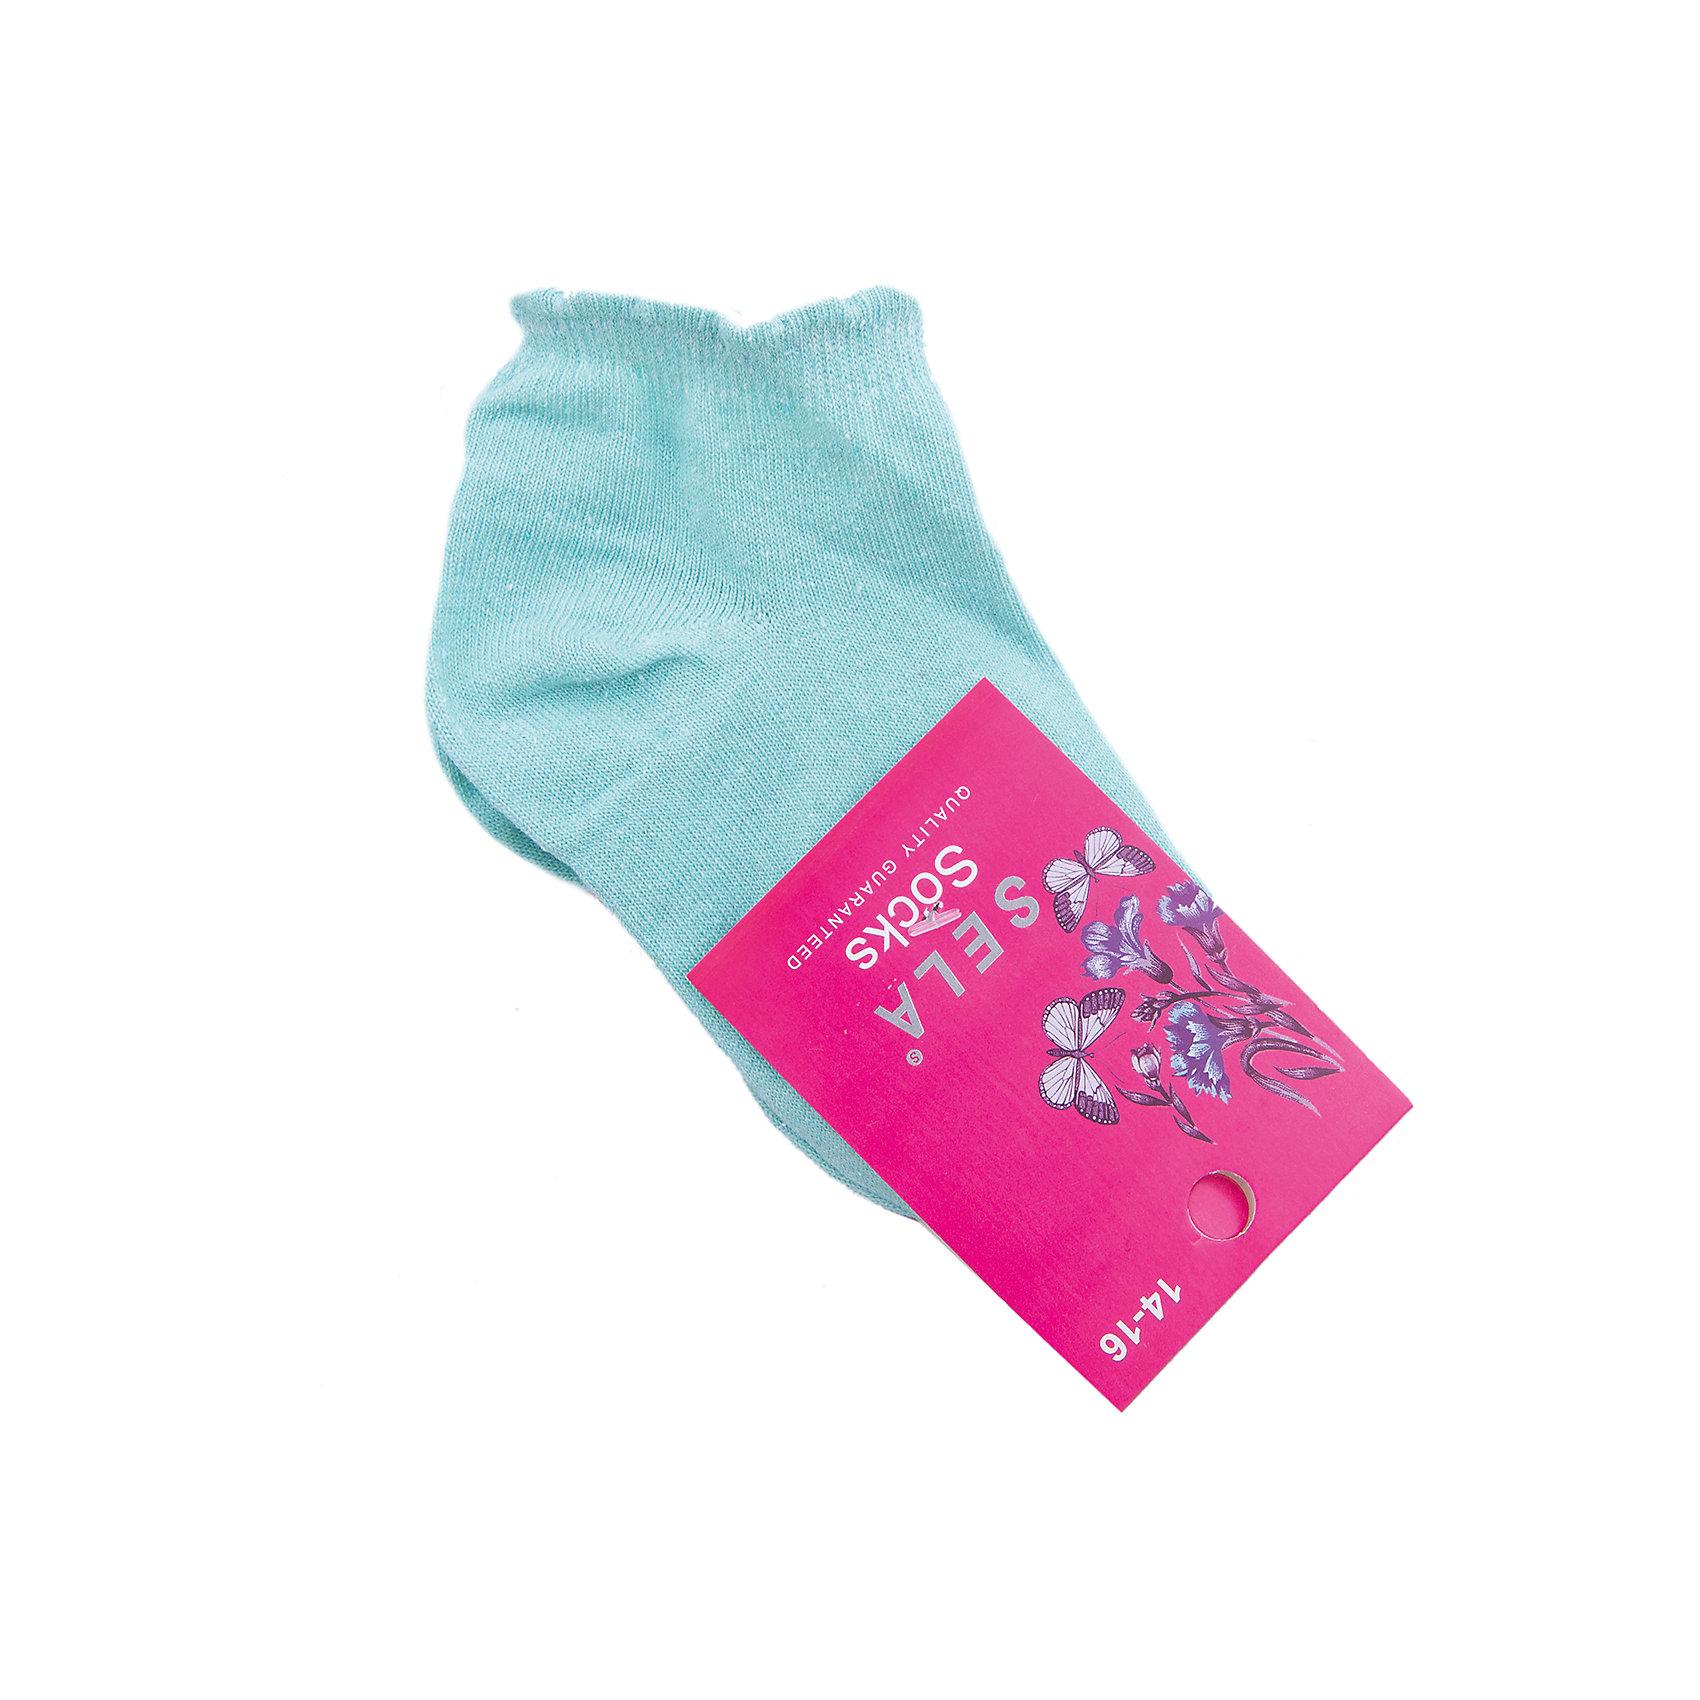 Носки для девочки SELAХарактеристики товара:<br><br>• цвет: зеленый<br>• состав: 80% хлопок, 17% нейлон, 3% эластан<br>• однотонные<br>• мягкая ажурная резинка<br>• короткие<br>• коллекция весна-лето 2017<br>• страна бренда: Российская Федерация<br><br>Вещи из новой коллекции SELA продолжают радовать удобством! Эти носки для девочки помогут дополнить наряд ребенка и обеспечить комфорт. Они отлично смотрятся с разной обувью. В составе материала - натуральный хлопок. <br><br>Одежда, обувь и аксессуары от российского бренда SELA не зря пользуются большой популярностью у детей и взрослых! Модели этой марки - стильные и удобные, цена при этом неизменно остается доступной. Для их производства используются только безопасные, качественные материалы и фурнитура. Новая коллекция поддерживает хорошие традиции бренда! <br><br>Носки для девочки от популярного бренда SELA (СЕЛА) можно купить в нашем интернет-магазине.<br><br>Ширина мм: 87<br>Глубина мм: 10<br>Высота мм: 105<br>Вес г: 115<br>Цвет: голубой<br>Возраст от месяцев: 15<br>Возраст до месяцев: 18<br>Пол: Женский<br>Возраст: Детский<br>Размер: 22,16,18,20<br>SKU: 5306225